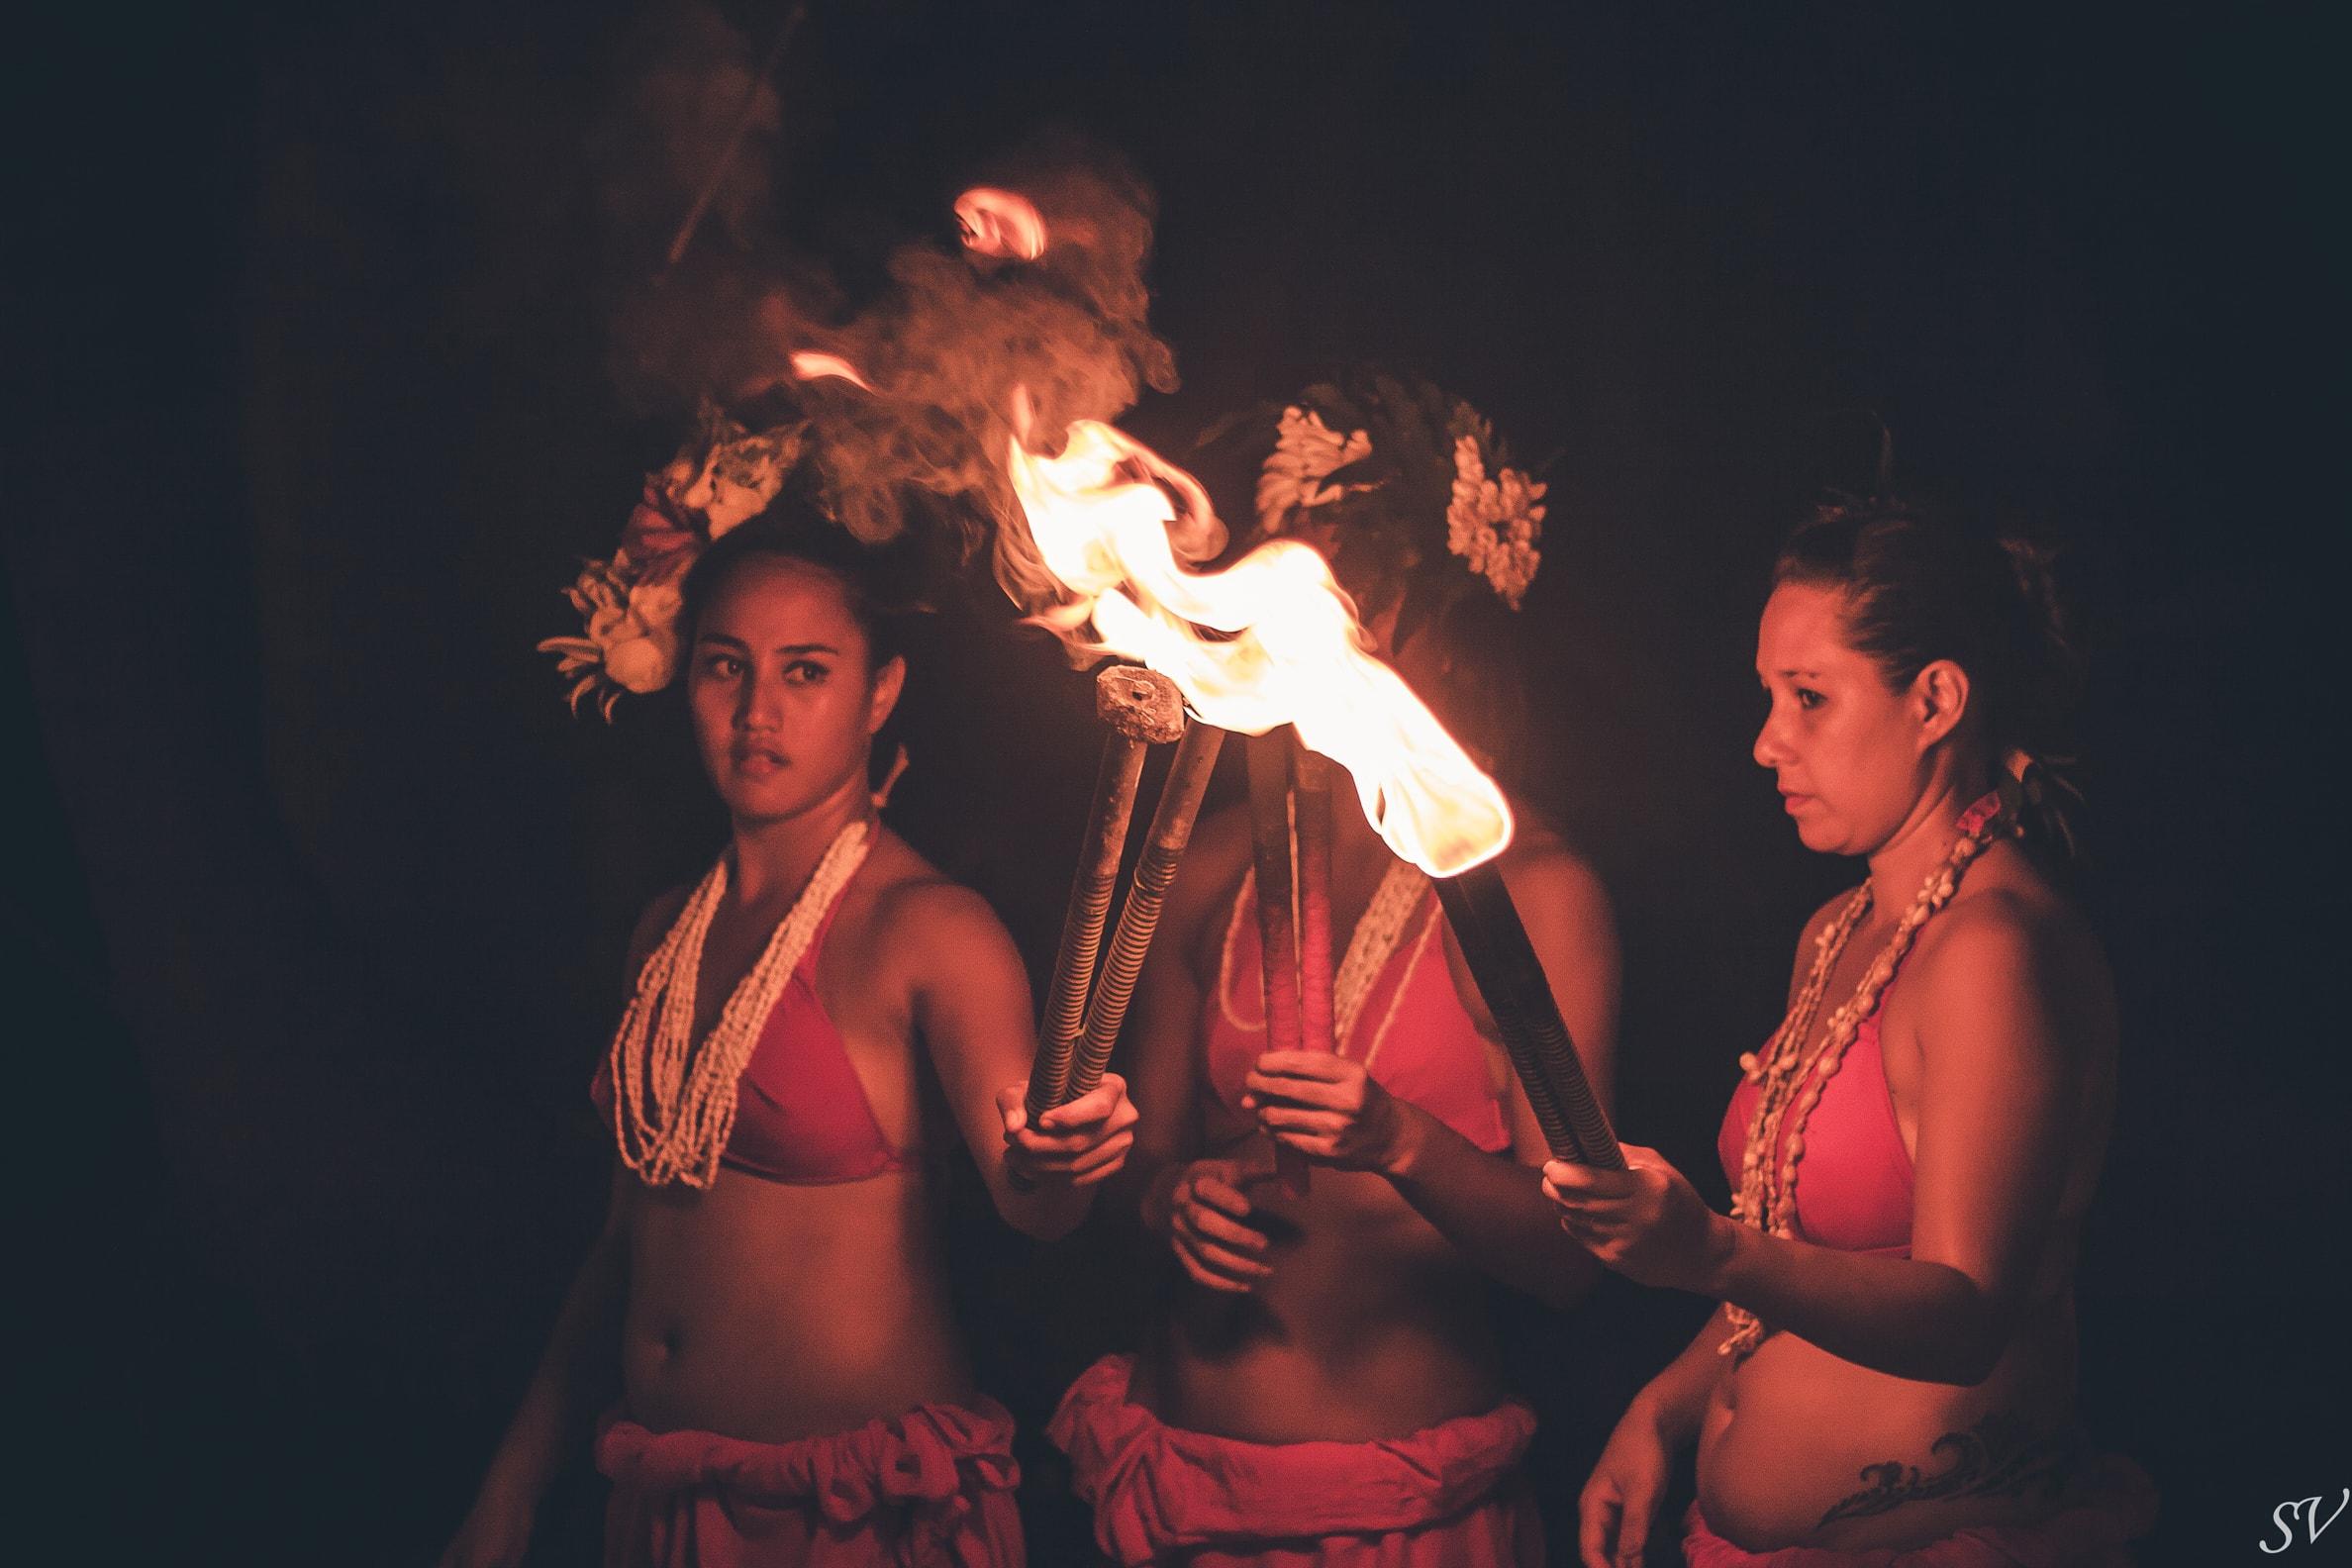 Polynesian vahine before their fire dance